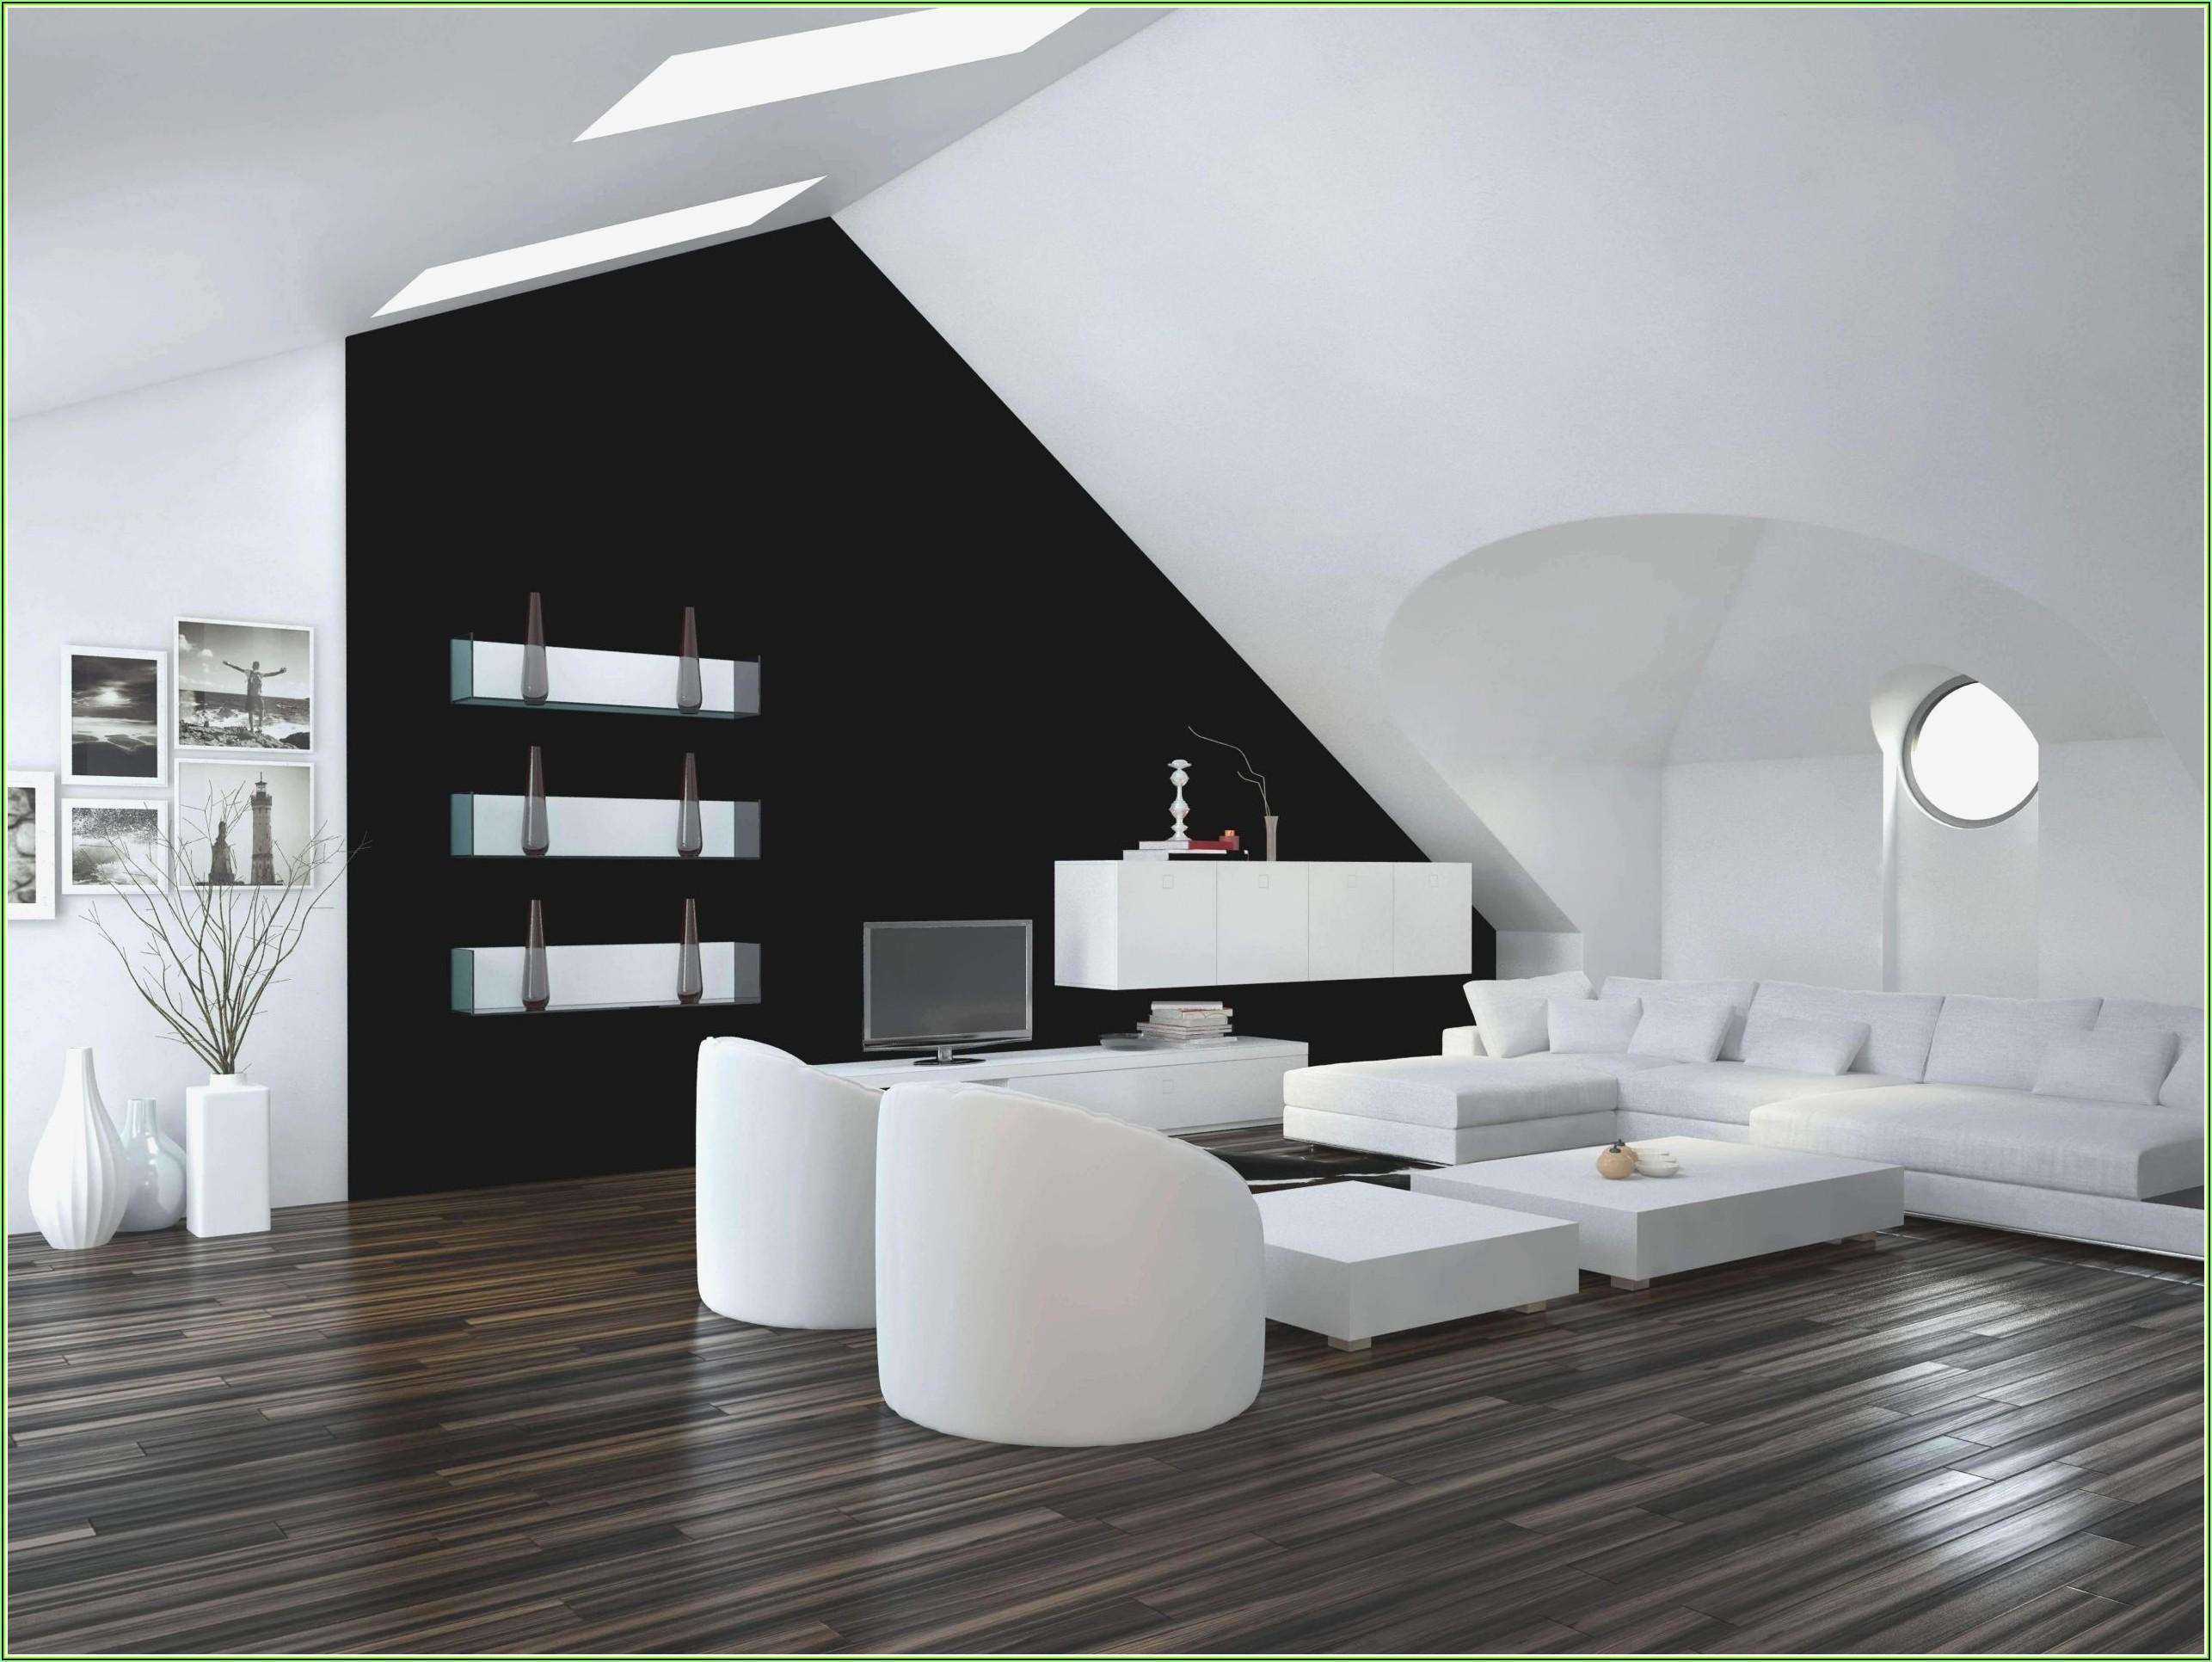 Bilder Selber Malen Wohnzimmer